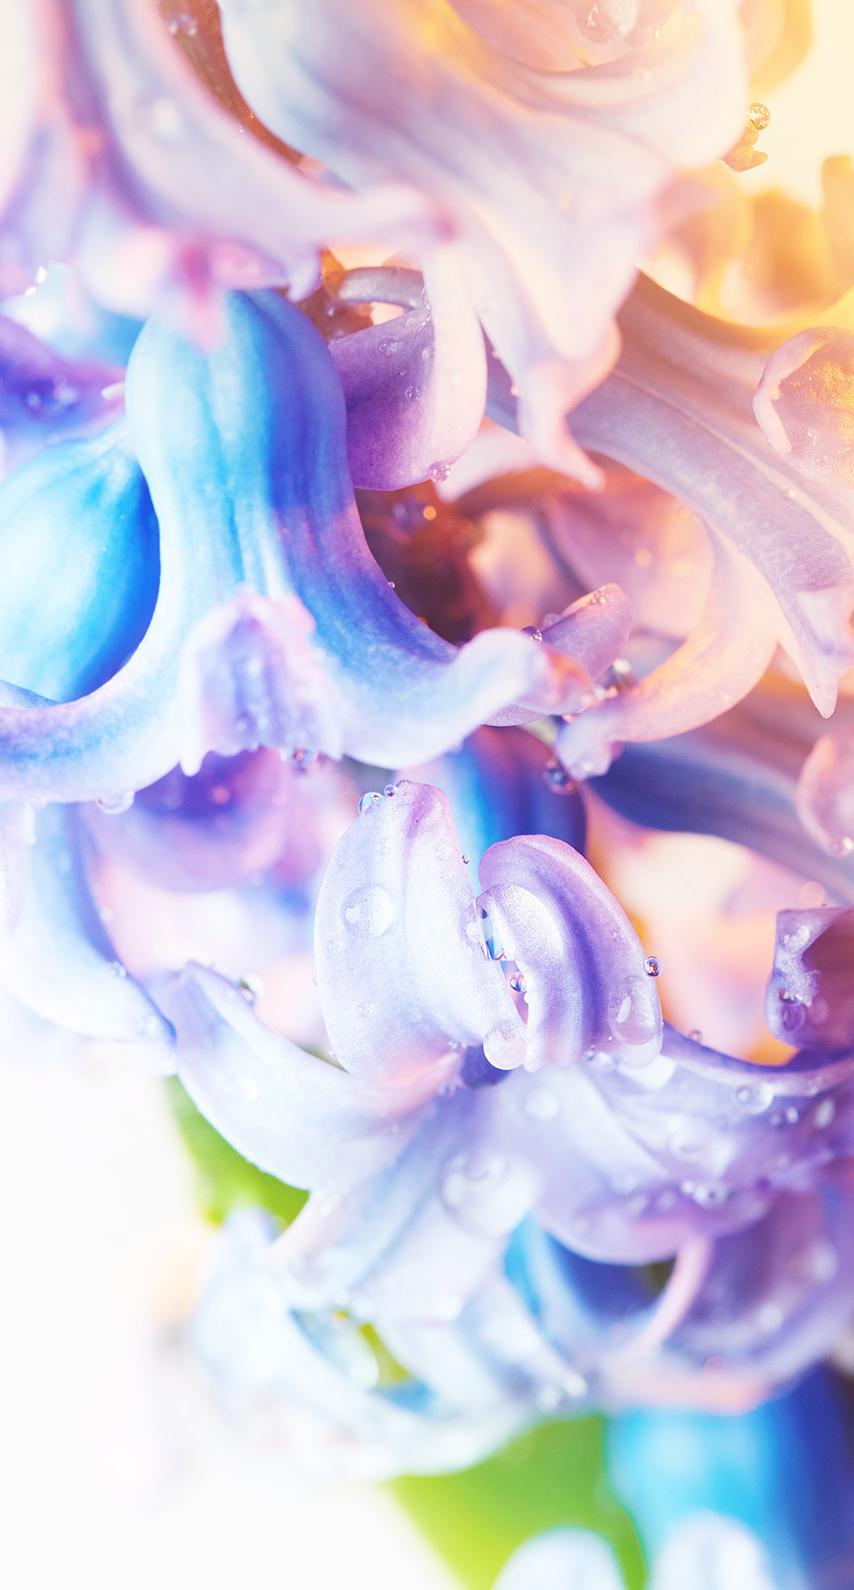 abstract, close-up